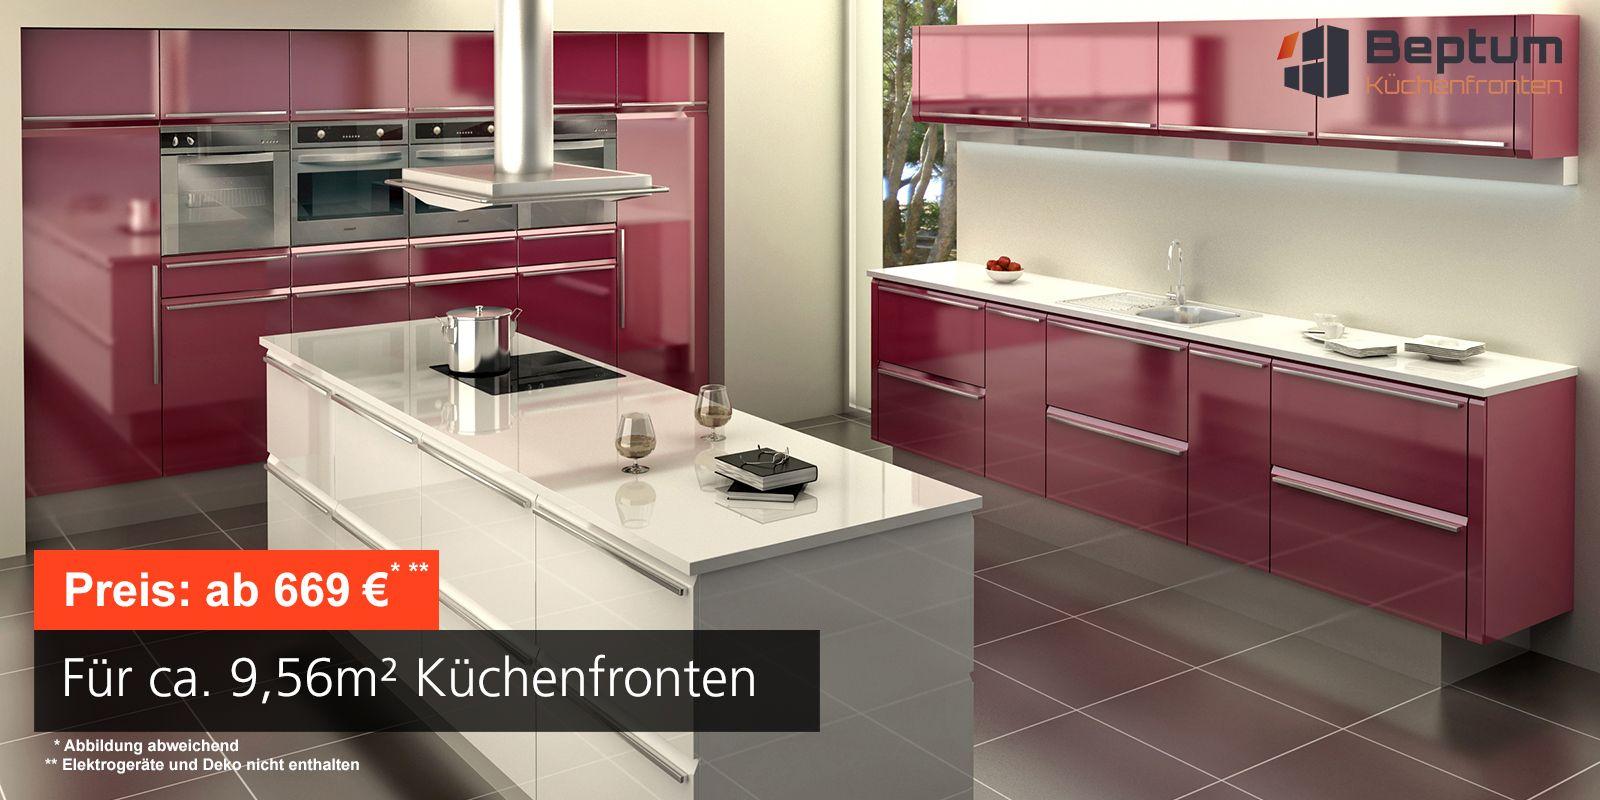 Küchenfronten Selbst Erneuern | Awesome Küchenlampen Decke Led ...